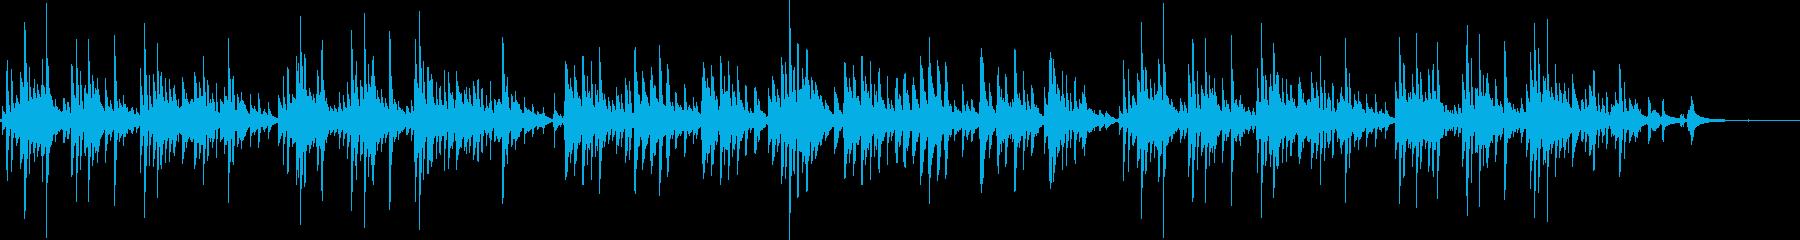 小型ギターによるオルゴールのような演奏の再生済みの波形